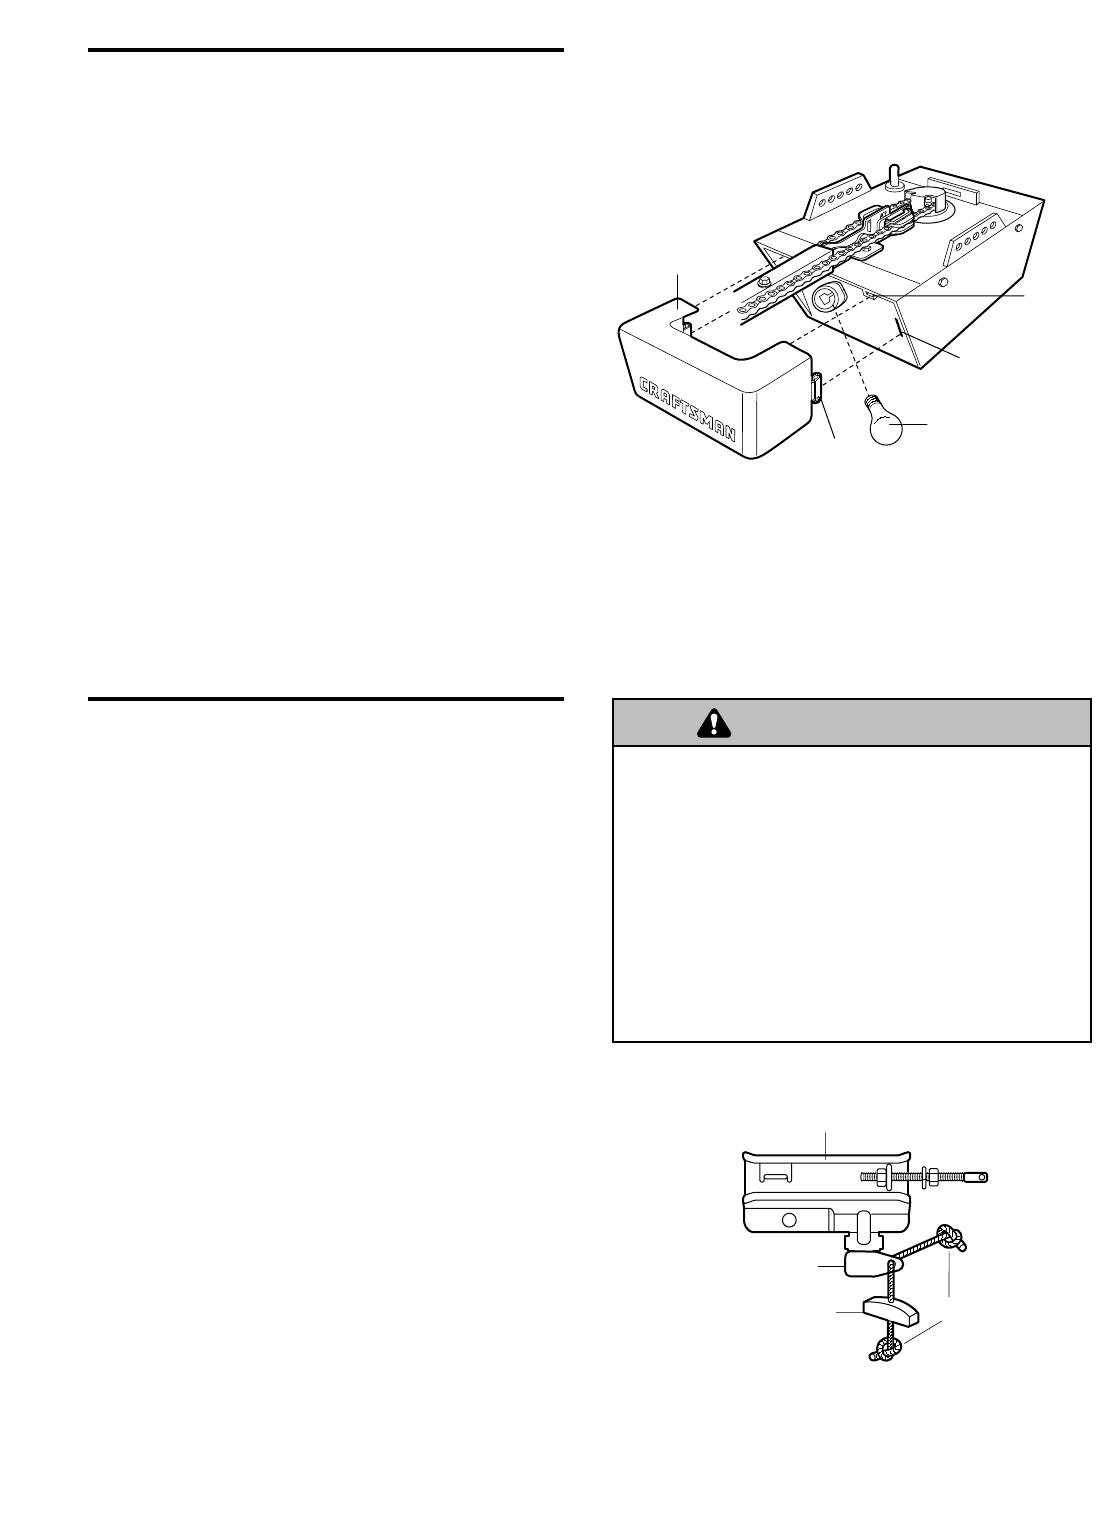 page 57 of sears garage door opener 139 53970srt user